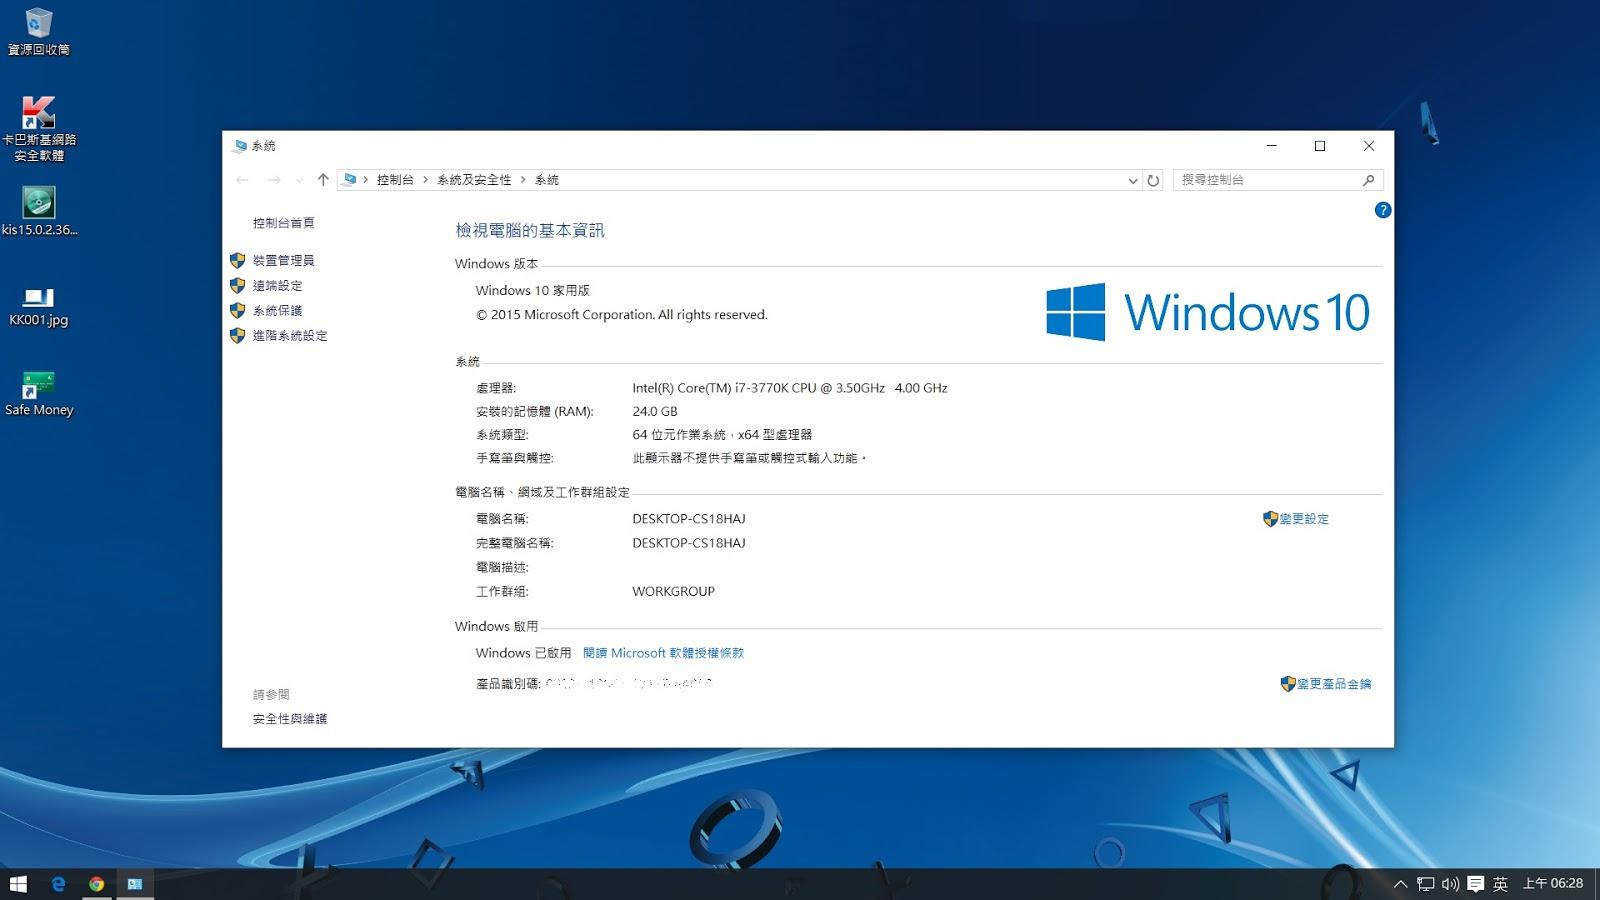 windows 10 安裝 序號